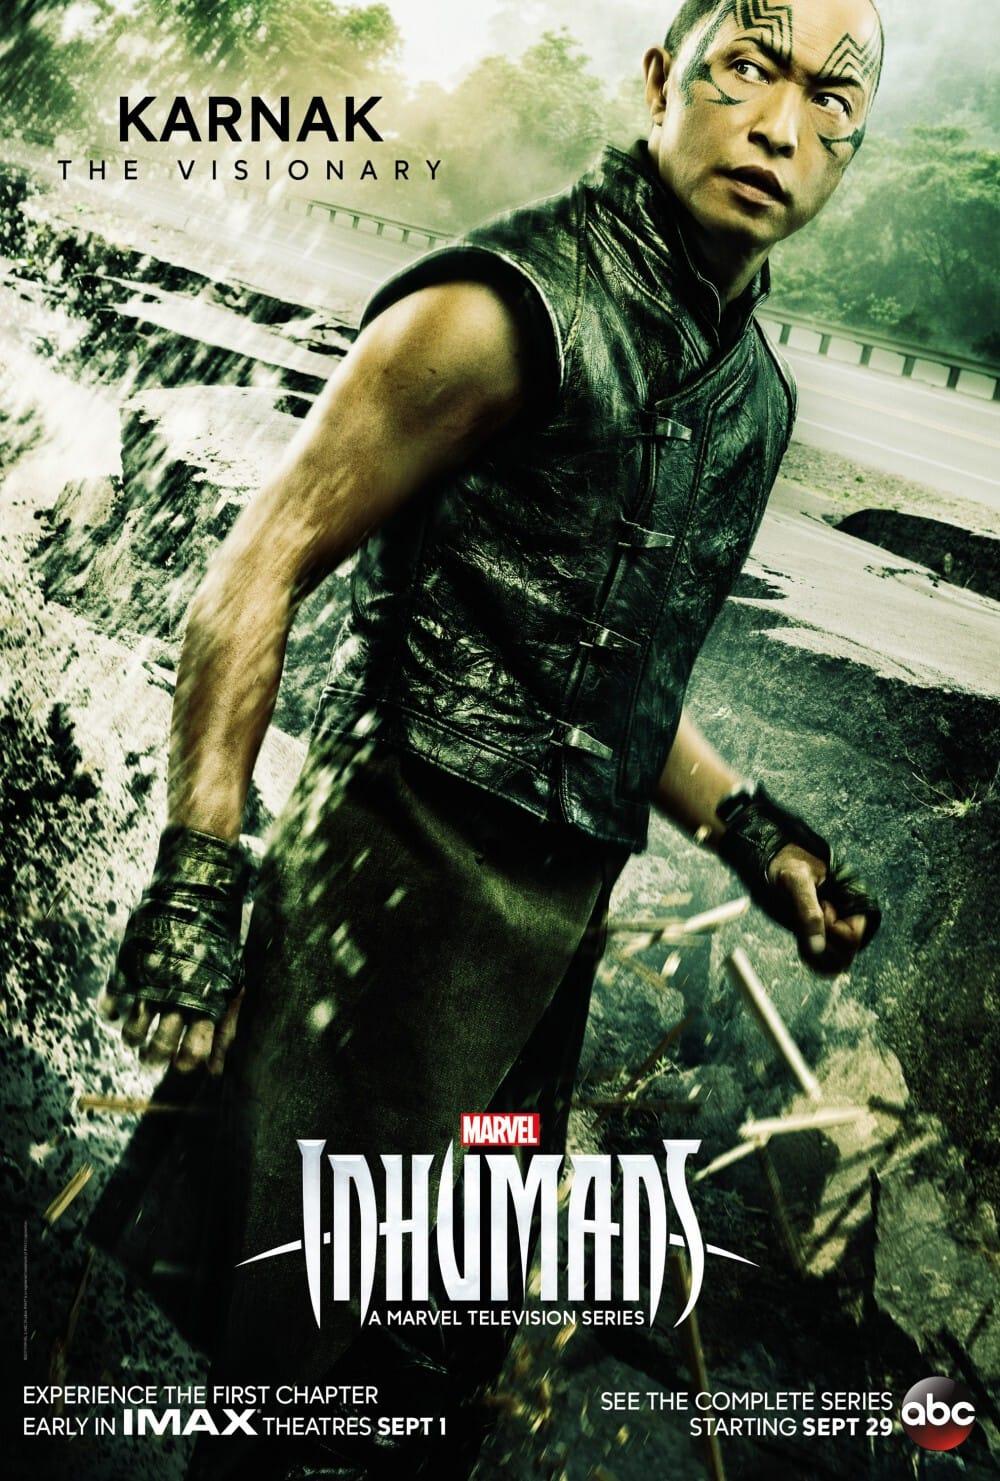 Marvel's Inhumans - New Character Poster Karnak